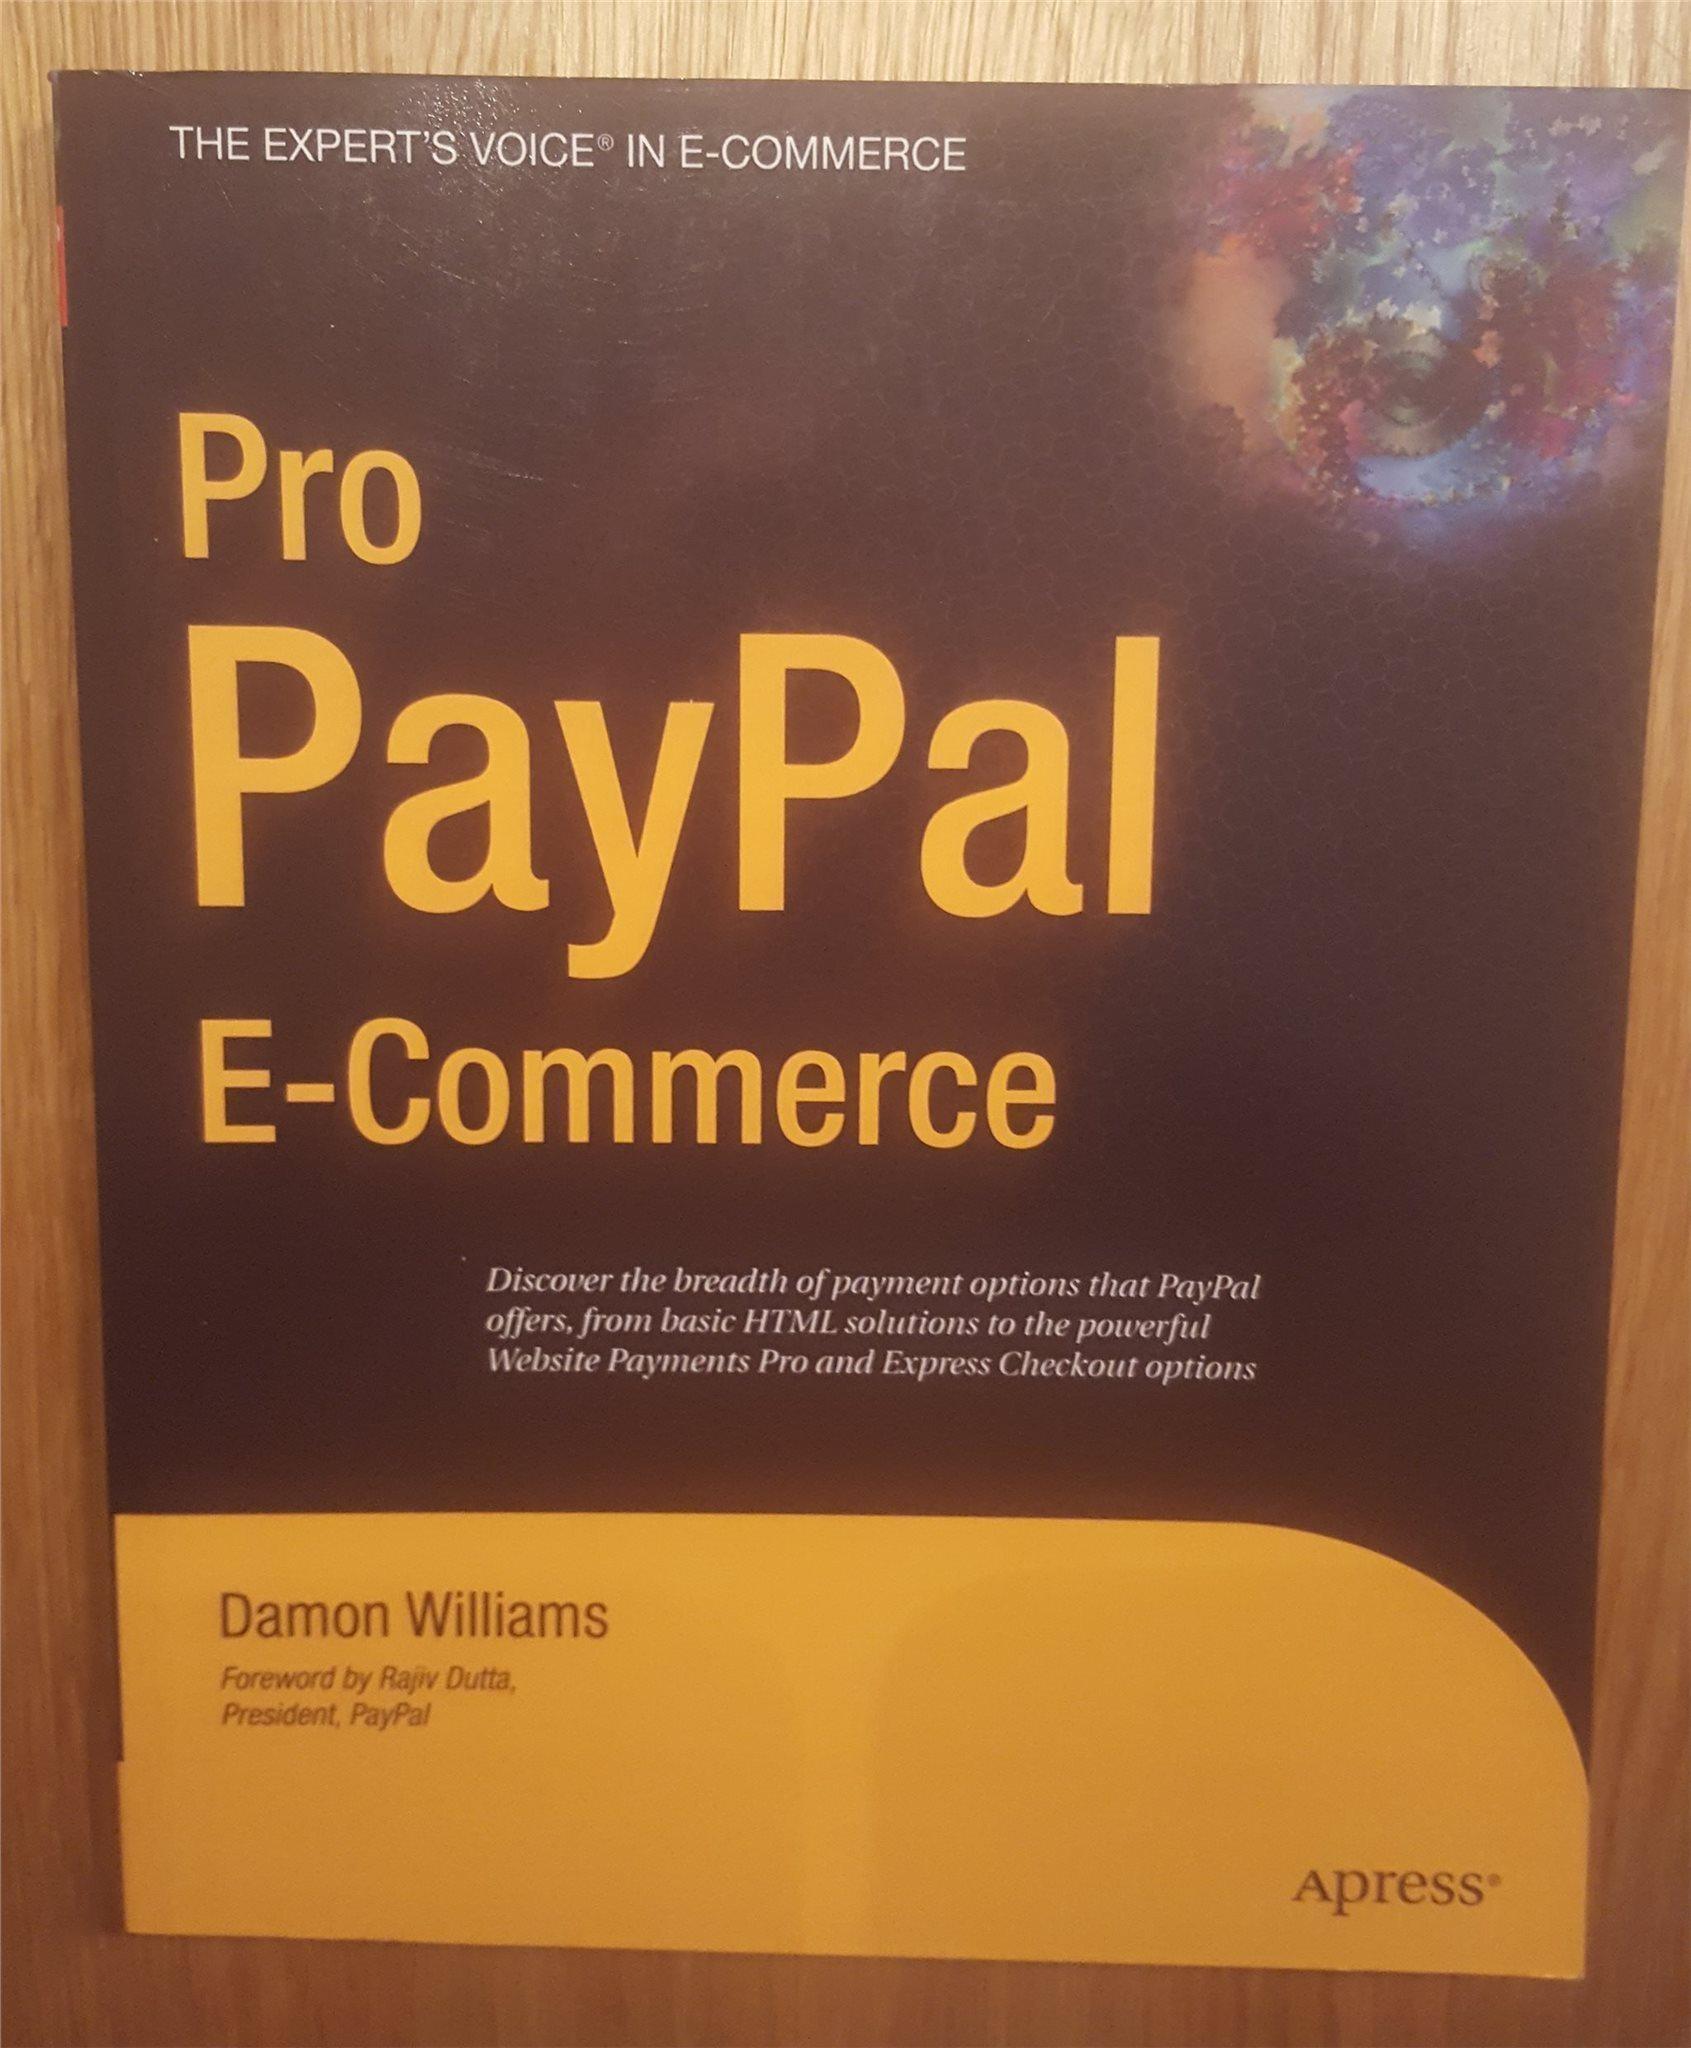 Damon Williams - Pro PayPal E-Commerce